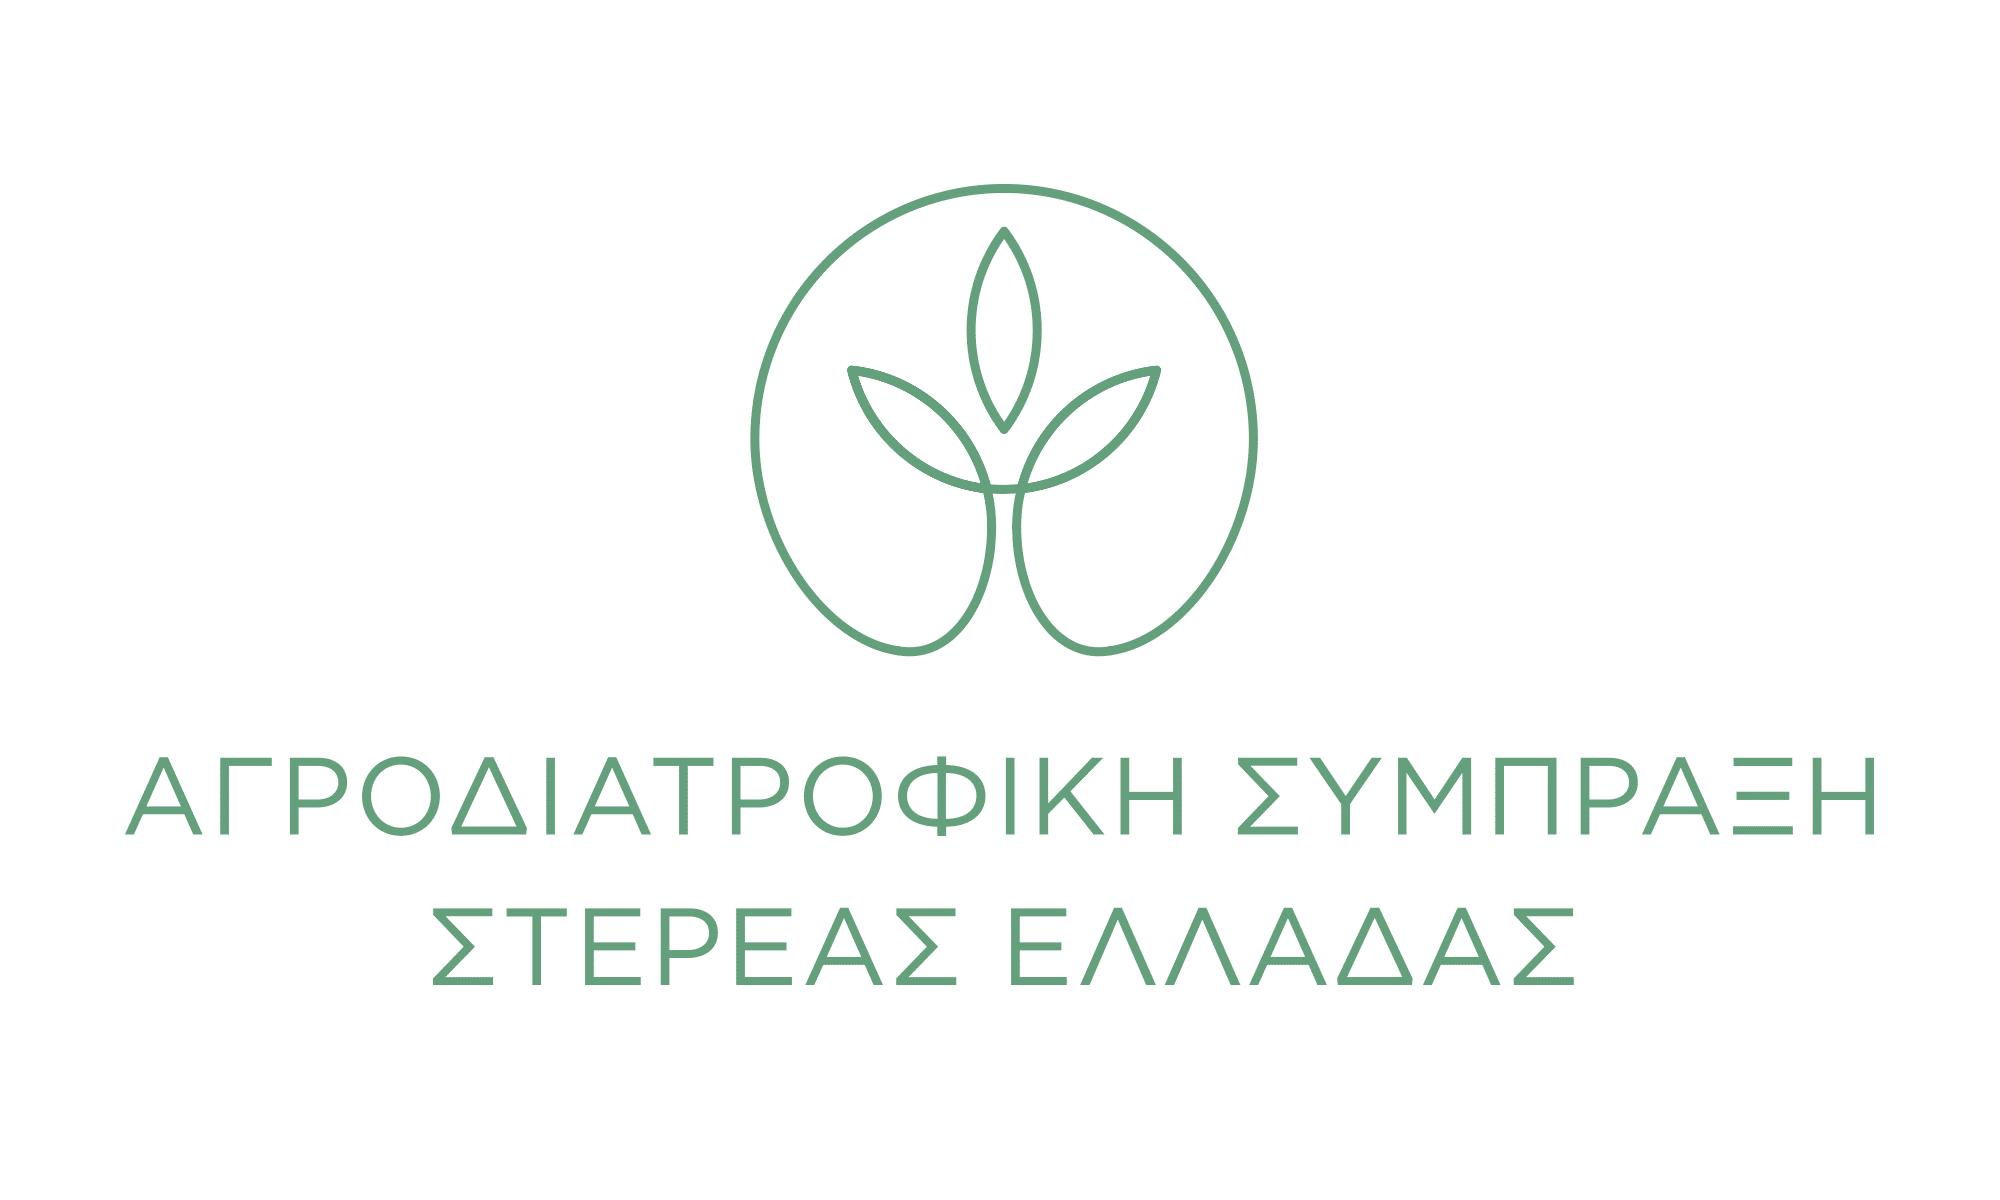 """ΠΣτΕ: Δωρεάν διαδικτυακά σεμινάρια εκπαίδευσης με τίτλο """"Γεύσεις Ελλάδας: Σύγχρονες Καλλιεργητικές Πρακτικές & Επιχειρηματικότητα"""""""